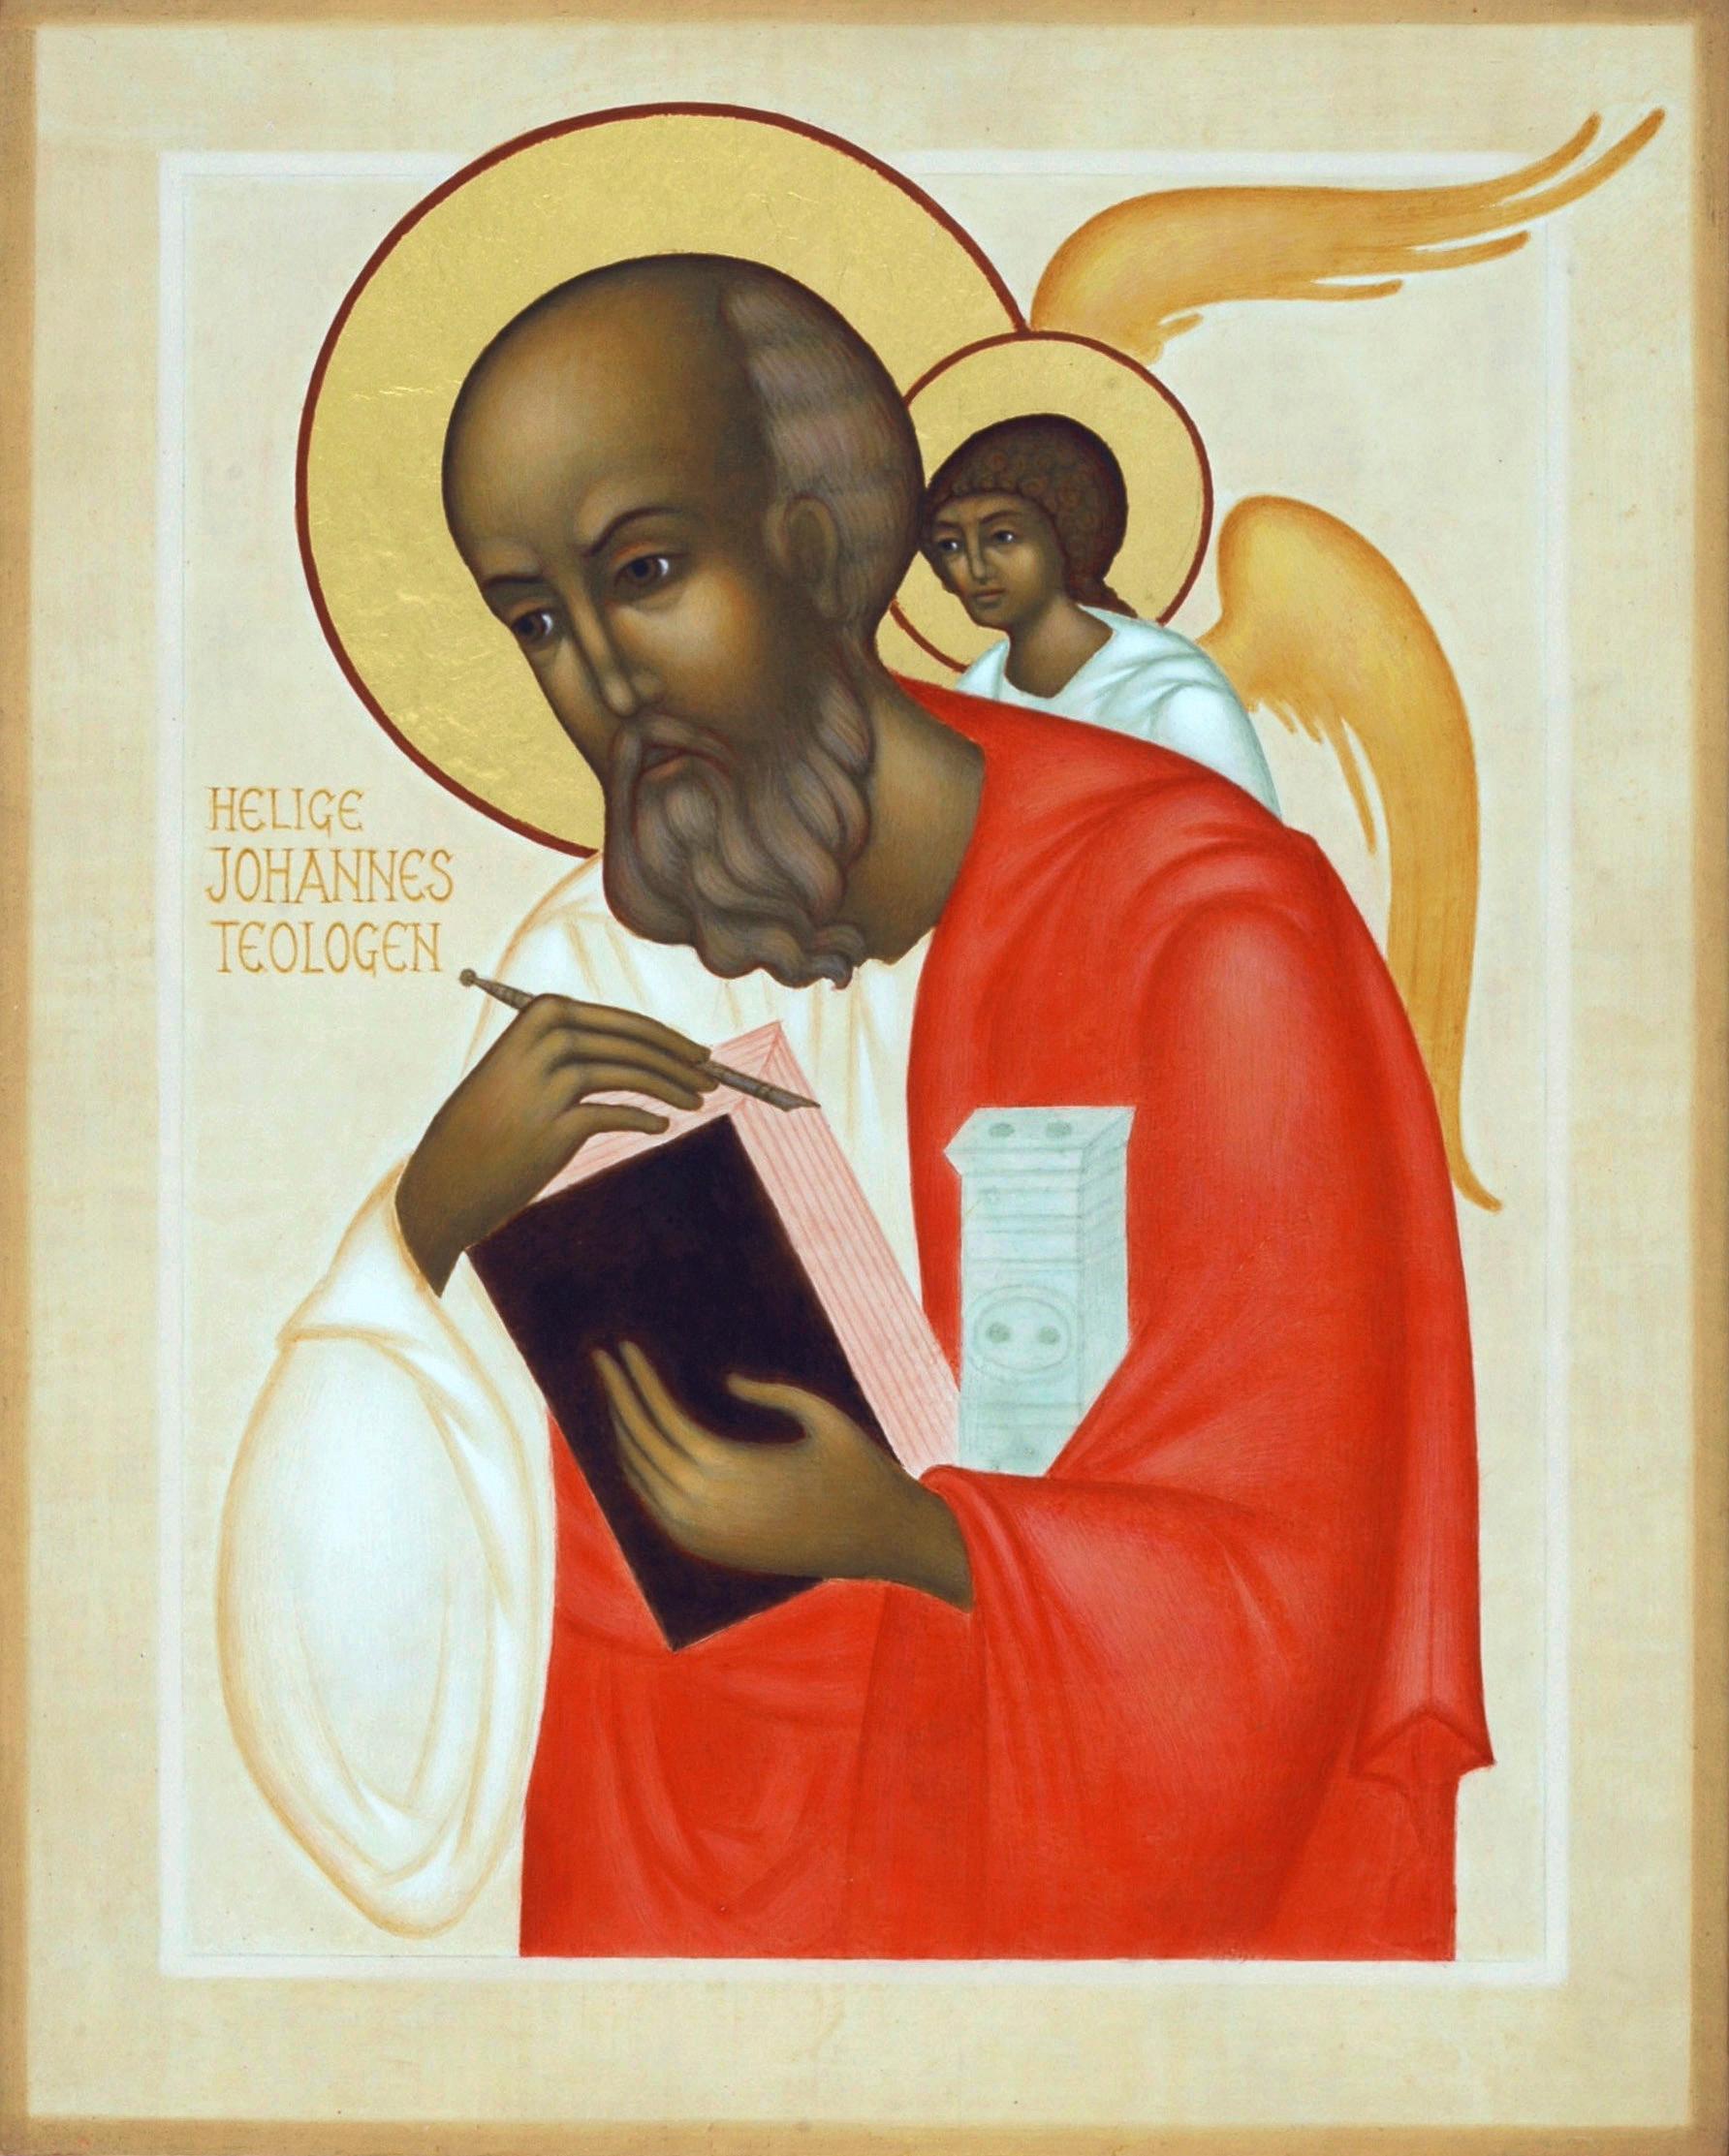 2. Johannes Teologen kopia 2